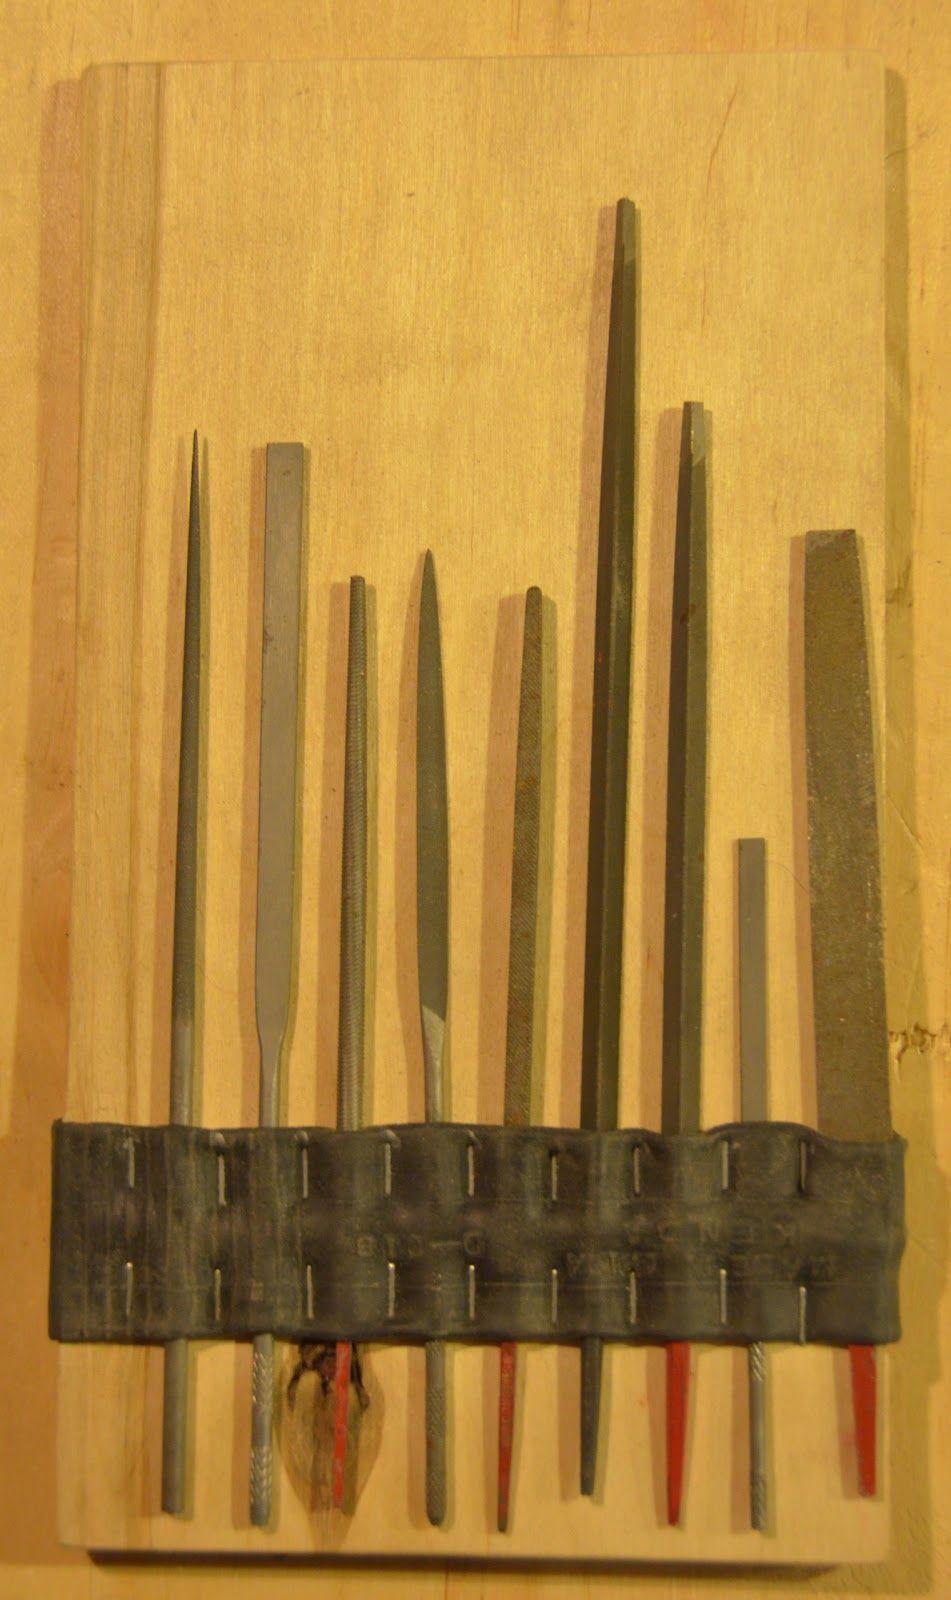 Tool Zealot Metalworking Needle File Storage Metal Working Metal Working Projects Art Supply Box